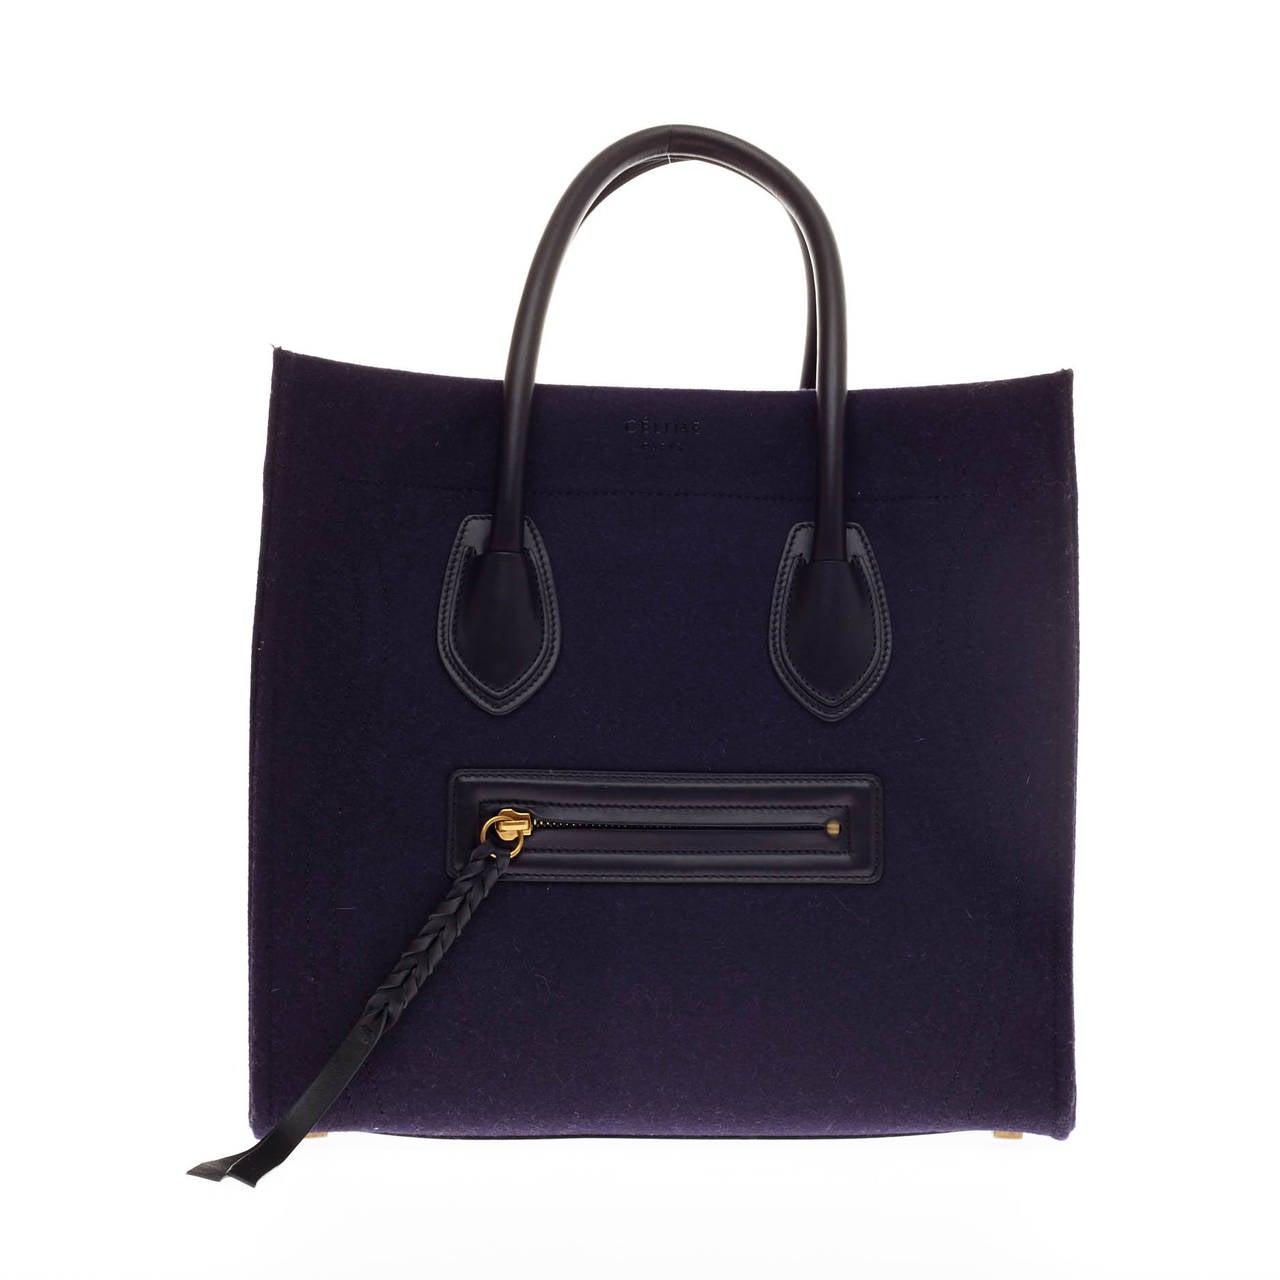 celine luggage tote handbags - celine phantom felt and leather detail medium, celine royal blue bag